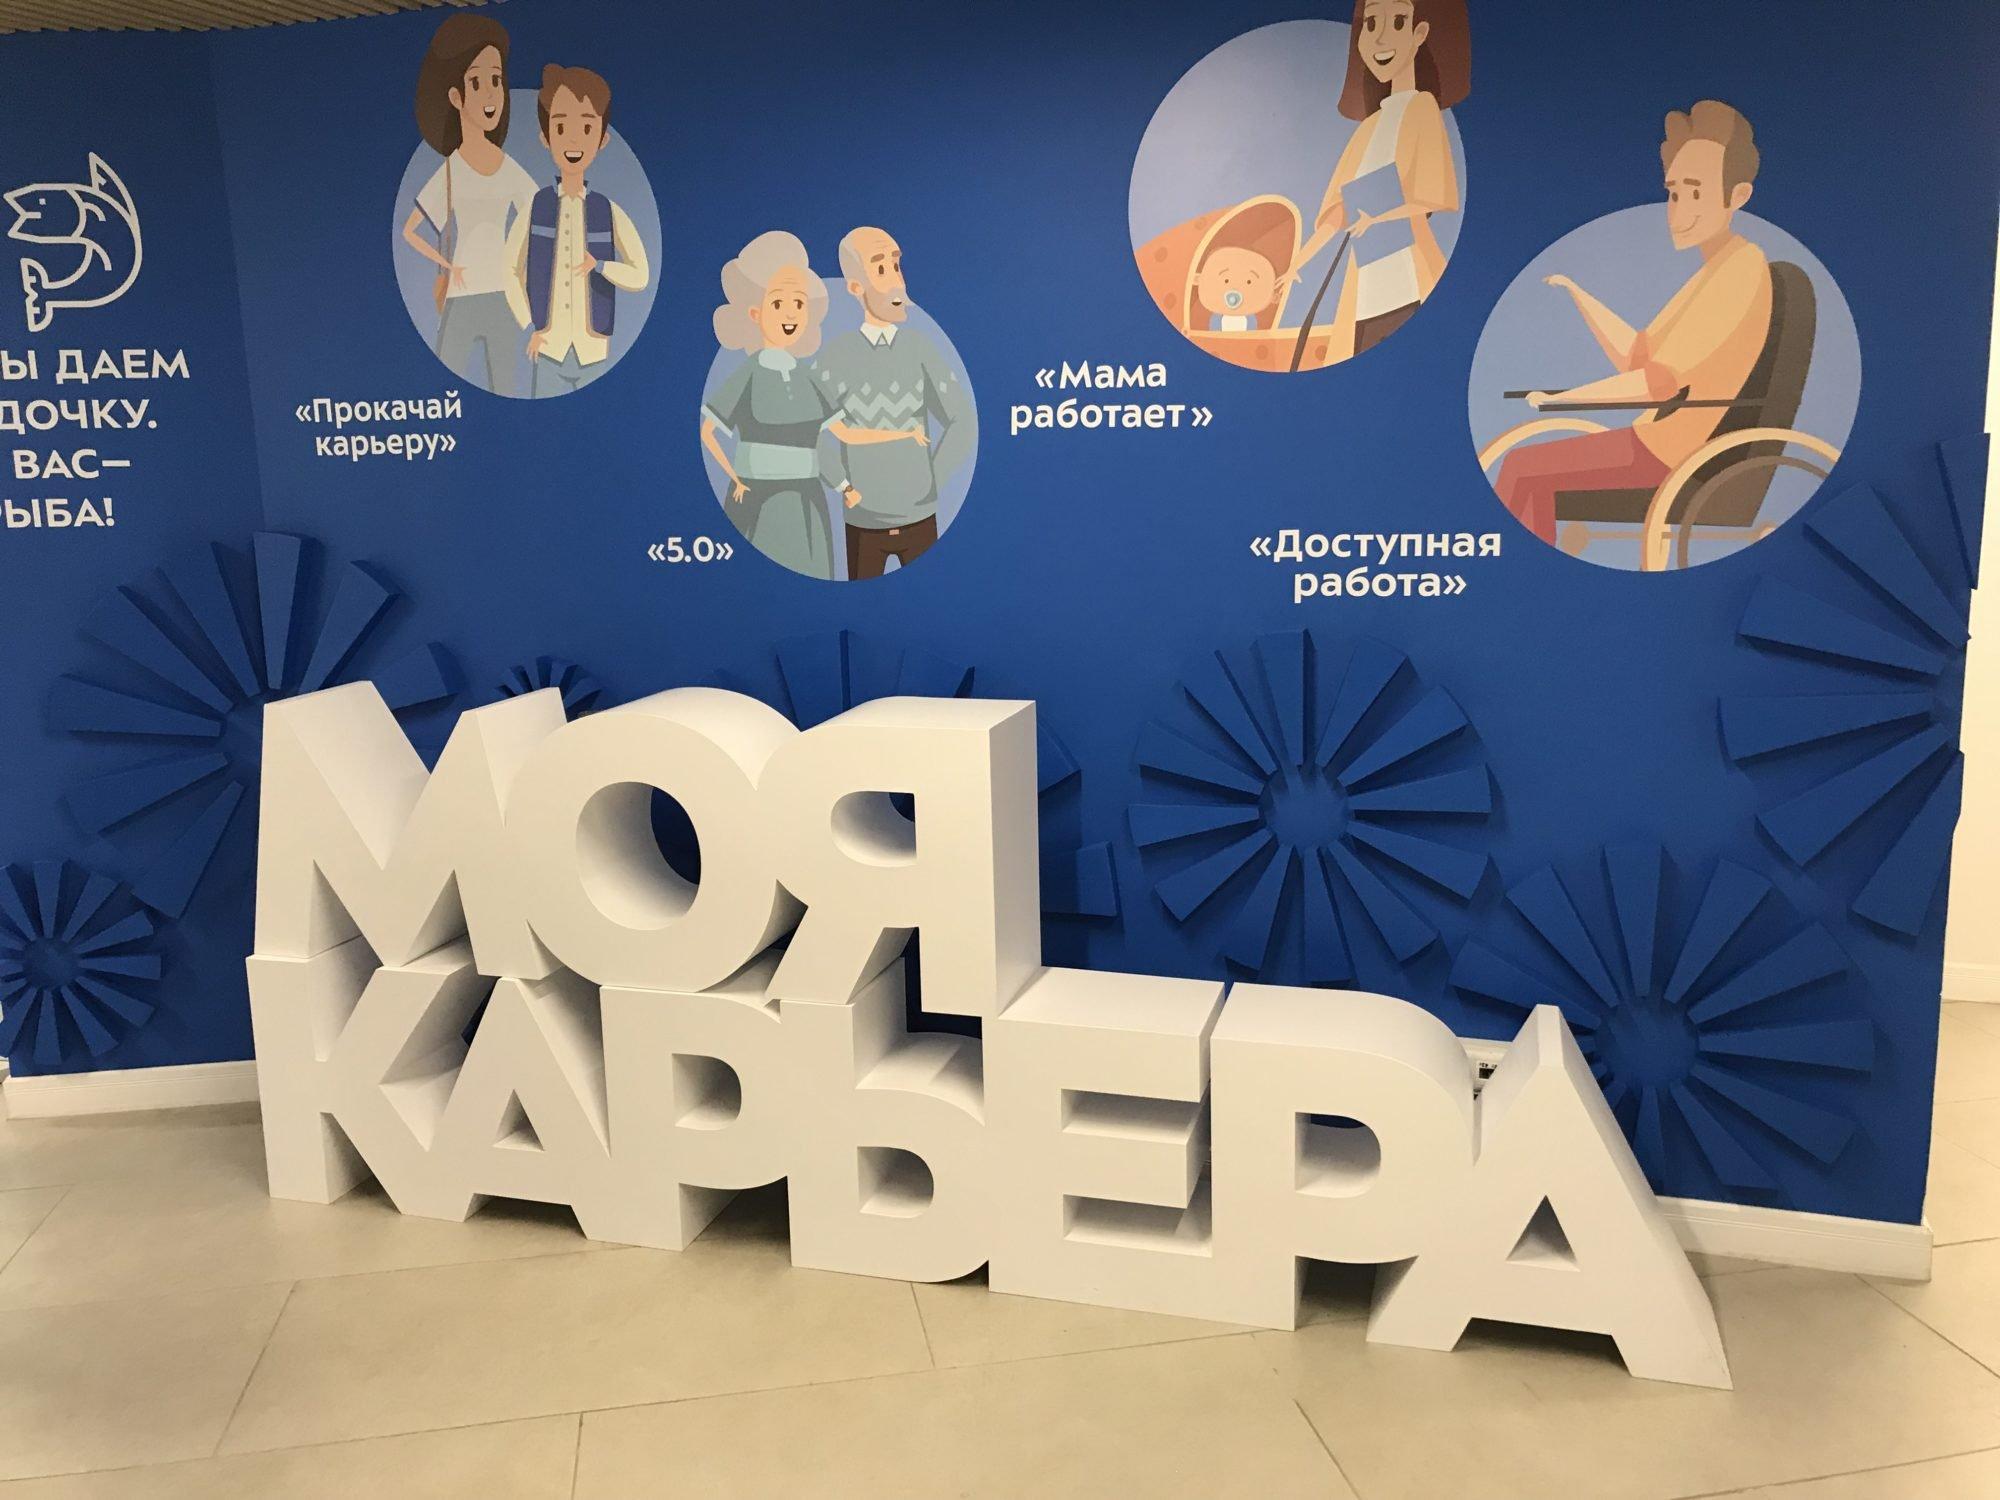 Zu sehen ist eine blaue Wand, die vier Gruppen abbildet: Menschen mit Behinderung, ältere Menschen, eine Mutter mit einem Säugling und eine Mutter mit einem Kind